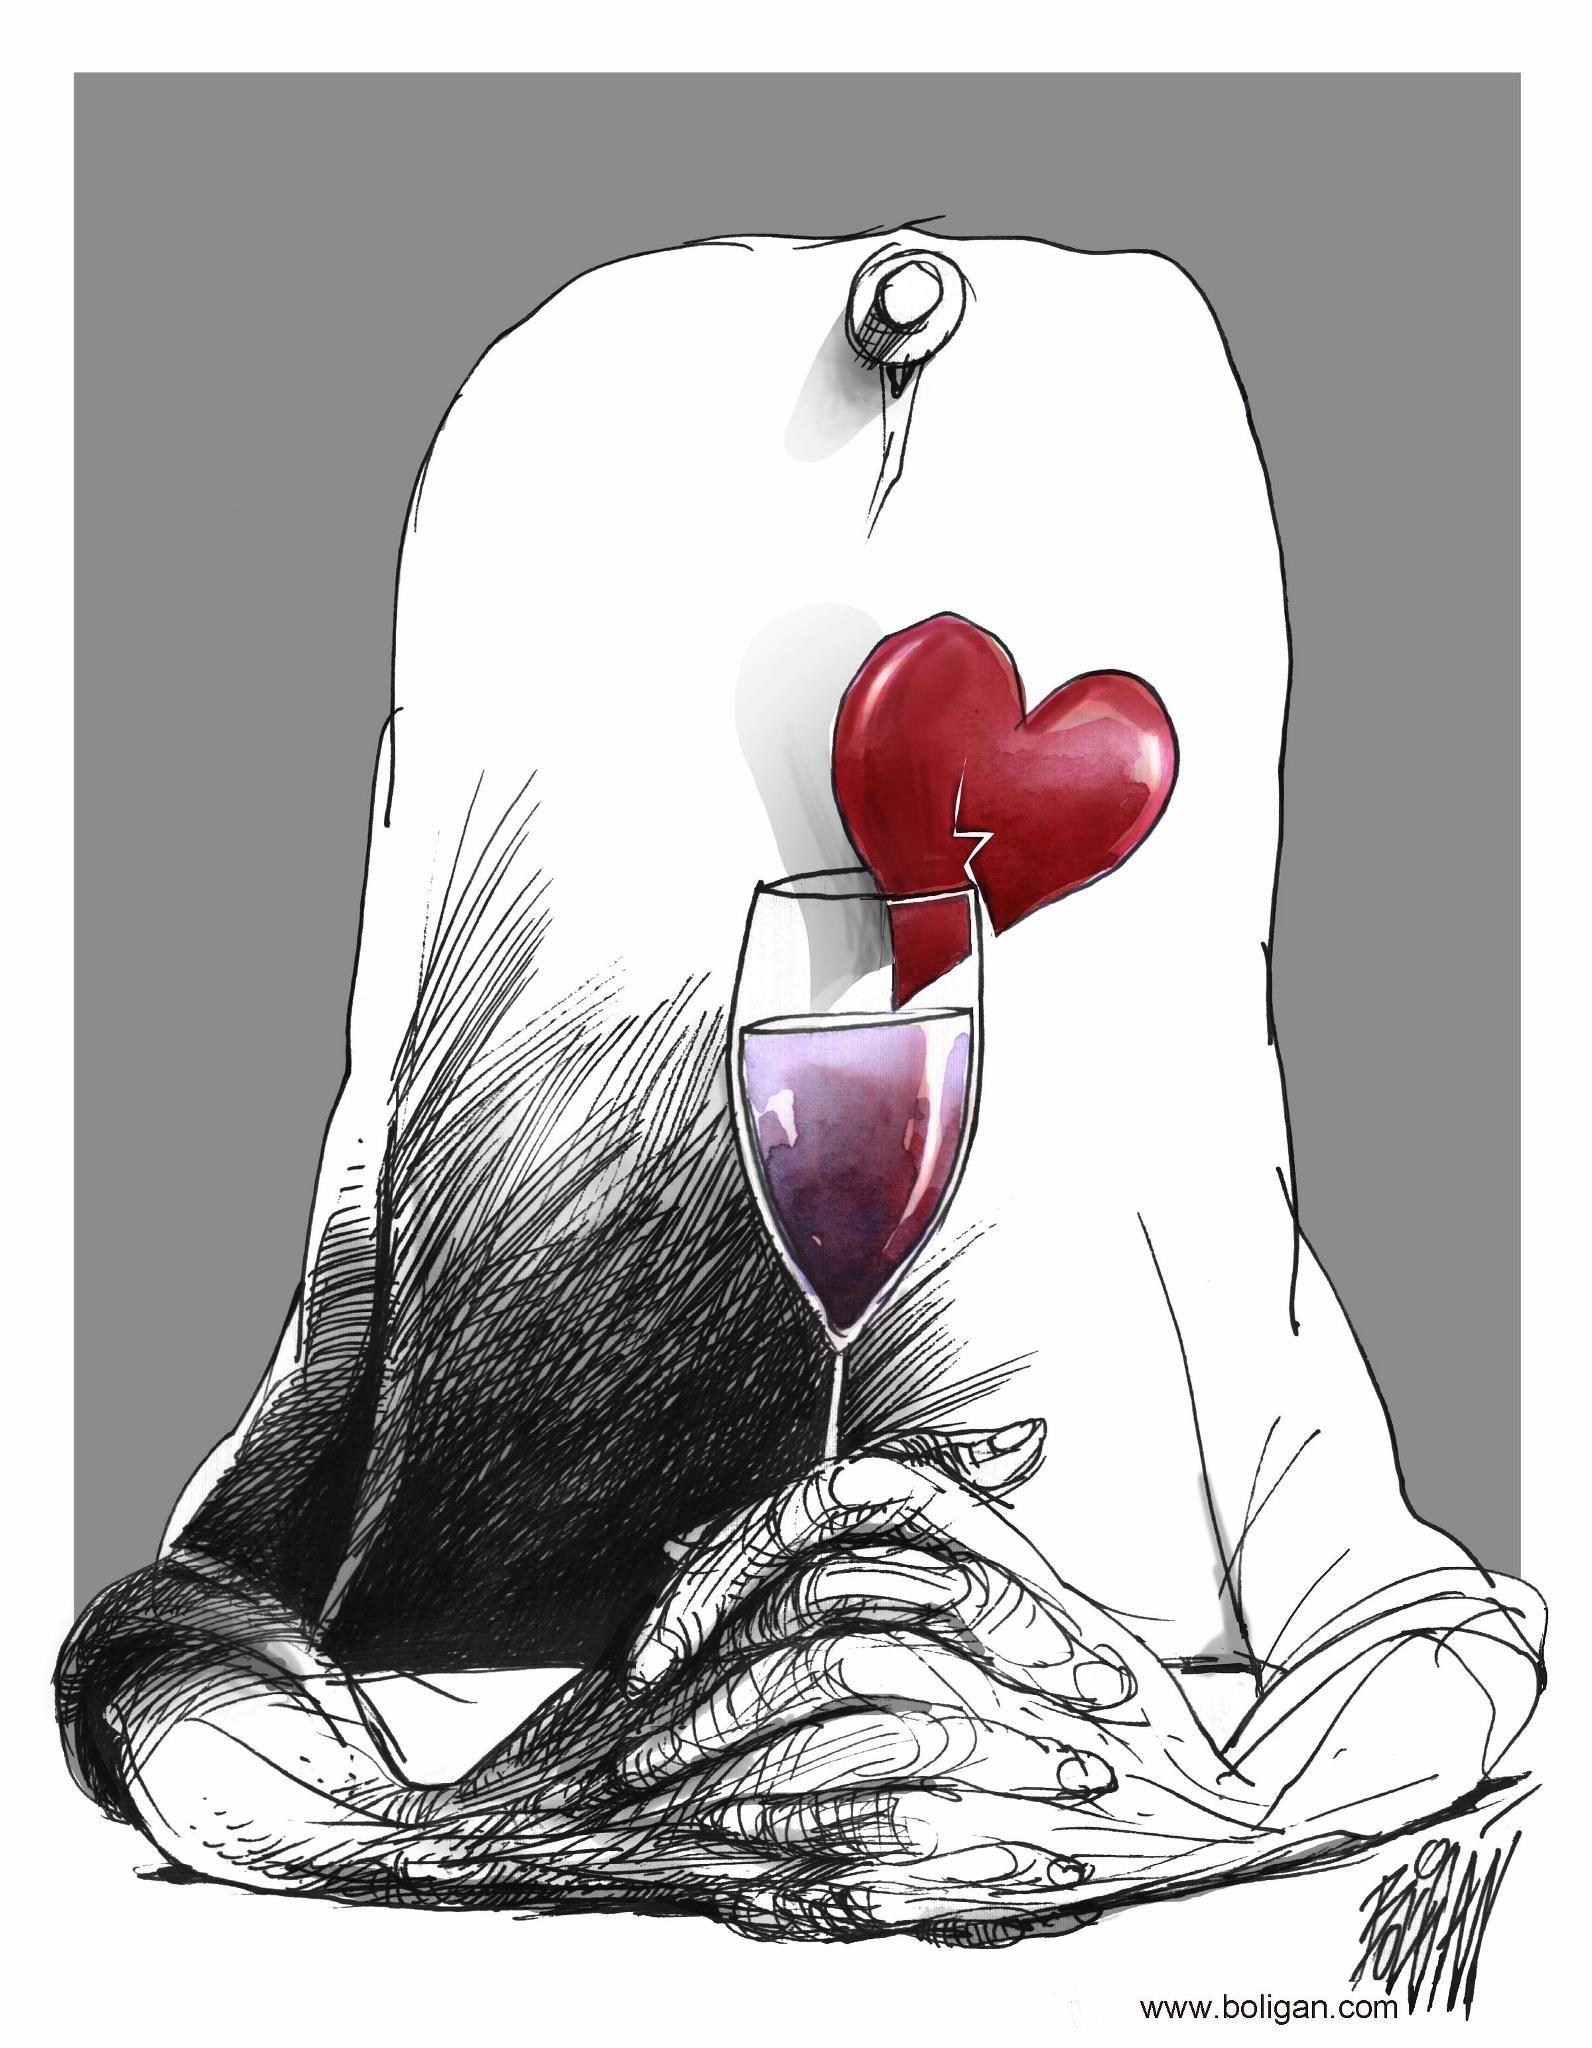 Angel Boligan – social illustrations